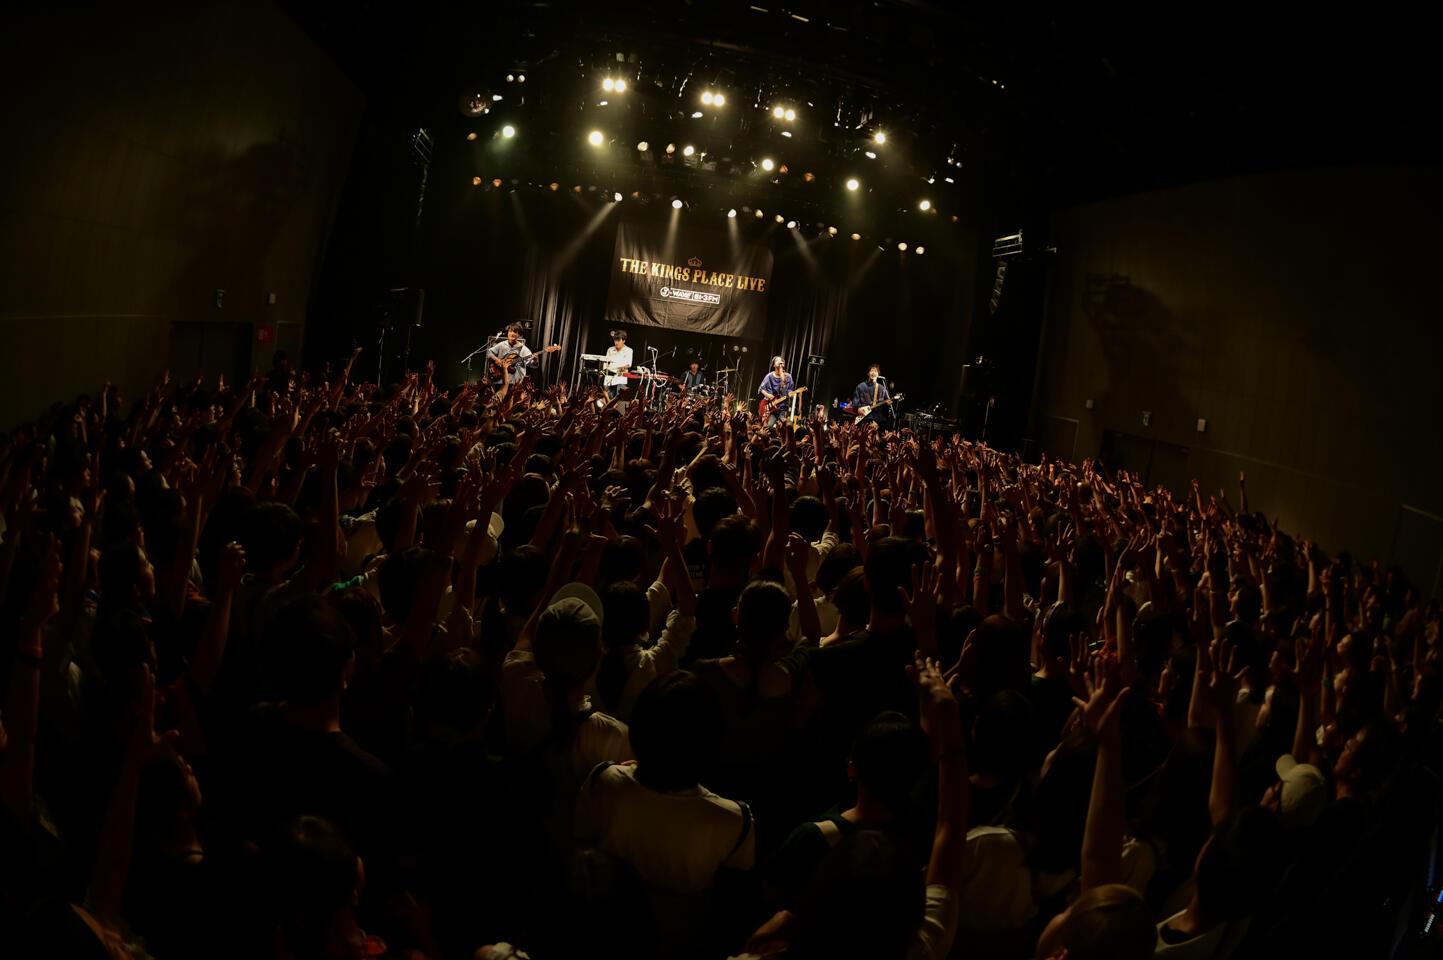 【ライブレポート】マカロニえんぴつ×ユアネスによる記念すべき一夜! <THE KINGS PLACE LIVE vol.17>